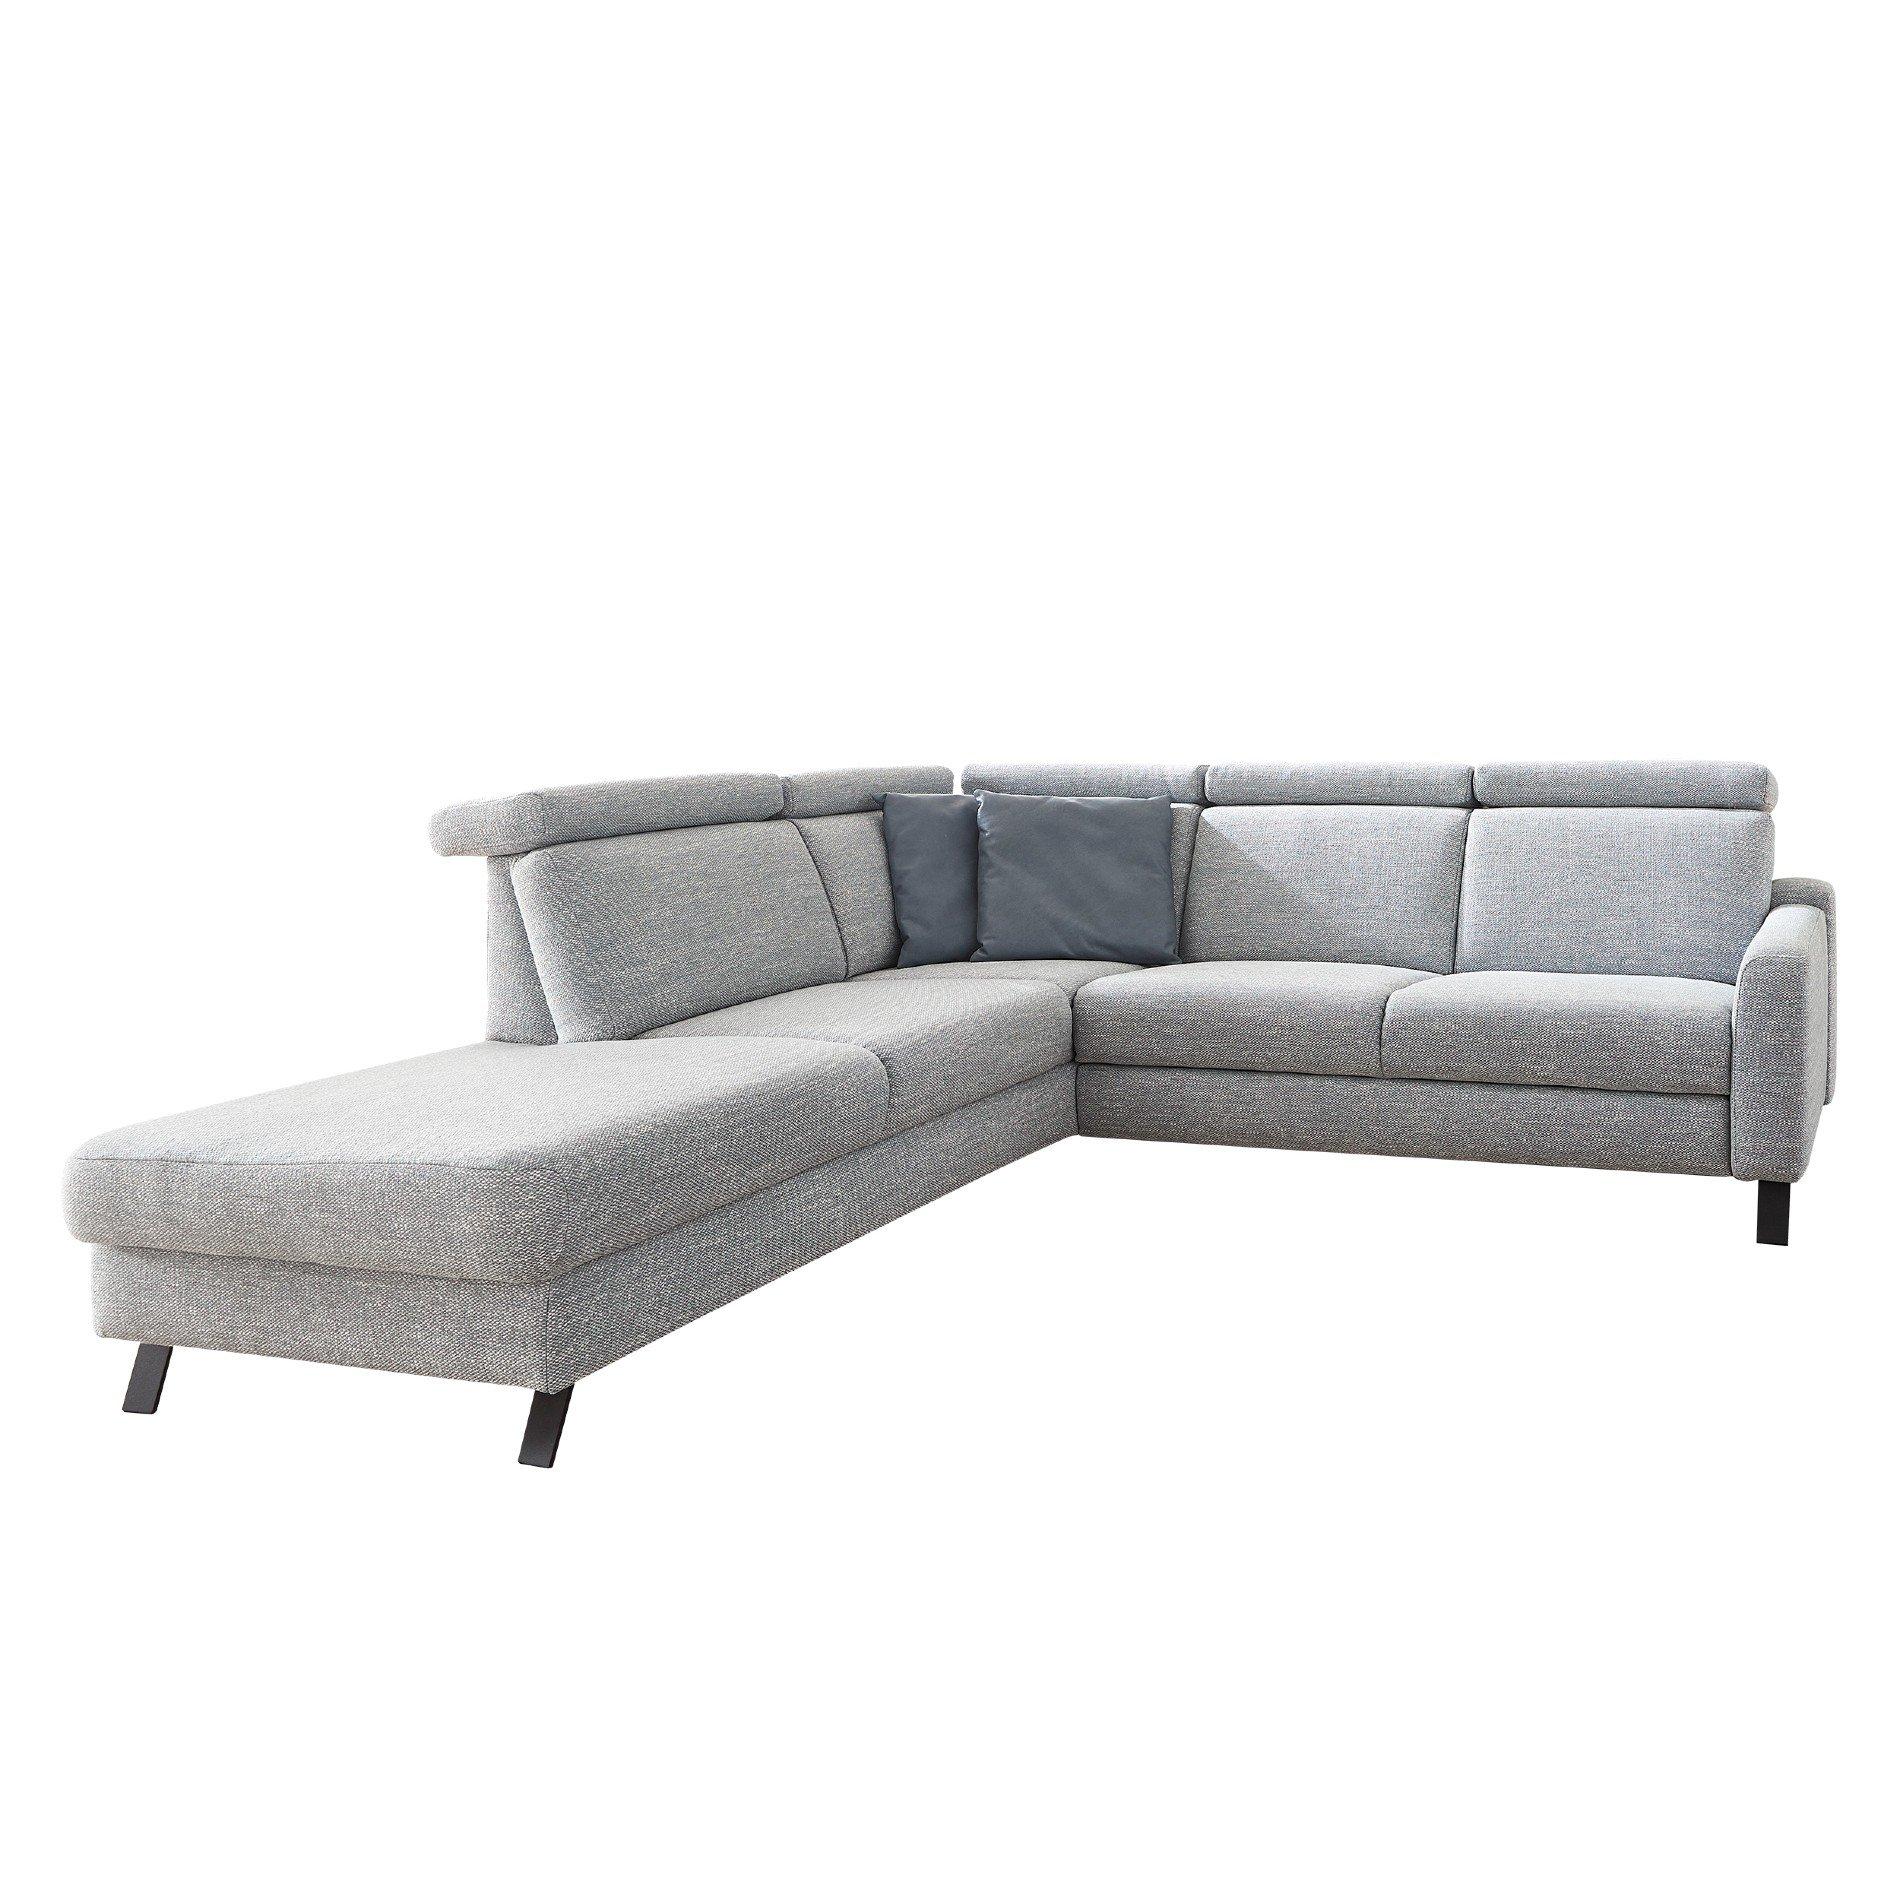 Full Size of Sofa Bezug Akador Venezuela Elementgruppe Für Esszimmer Spannbezug Mit Relaxfunktion Kaufen Günstig Esstisch Innovation Berlin Kolonialstil Zweisitzer Home Sofa Sofa Bezug